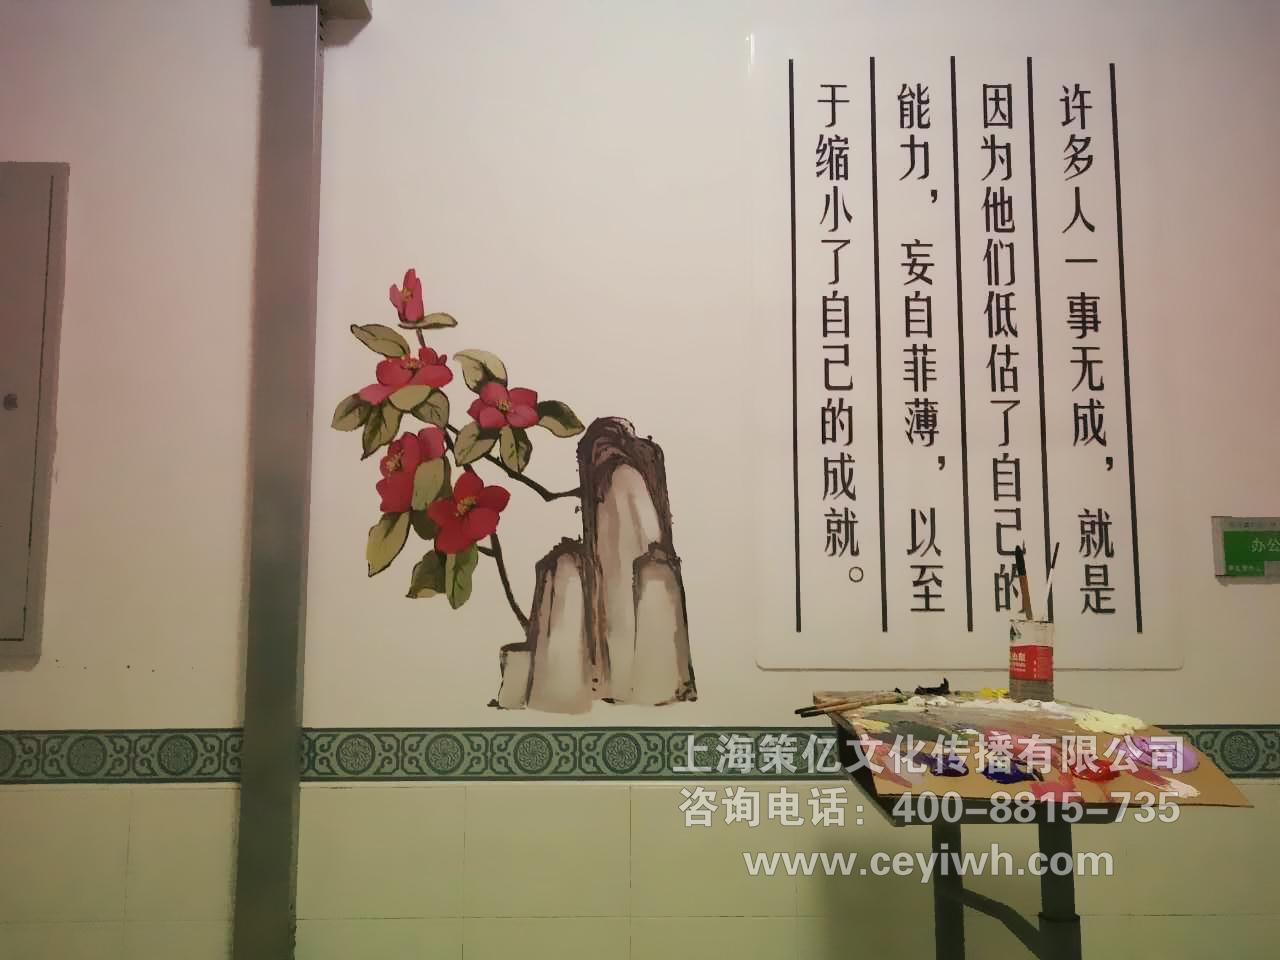 中国古典绘画上海张江中学校园文化墙建设 首选策亿文化